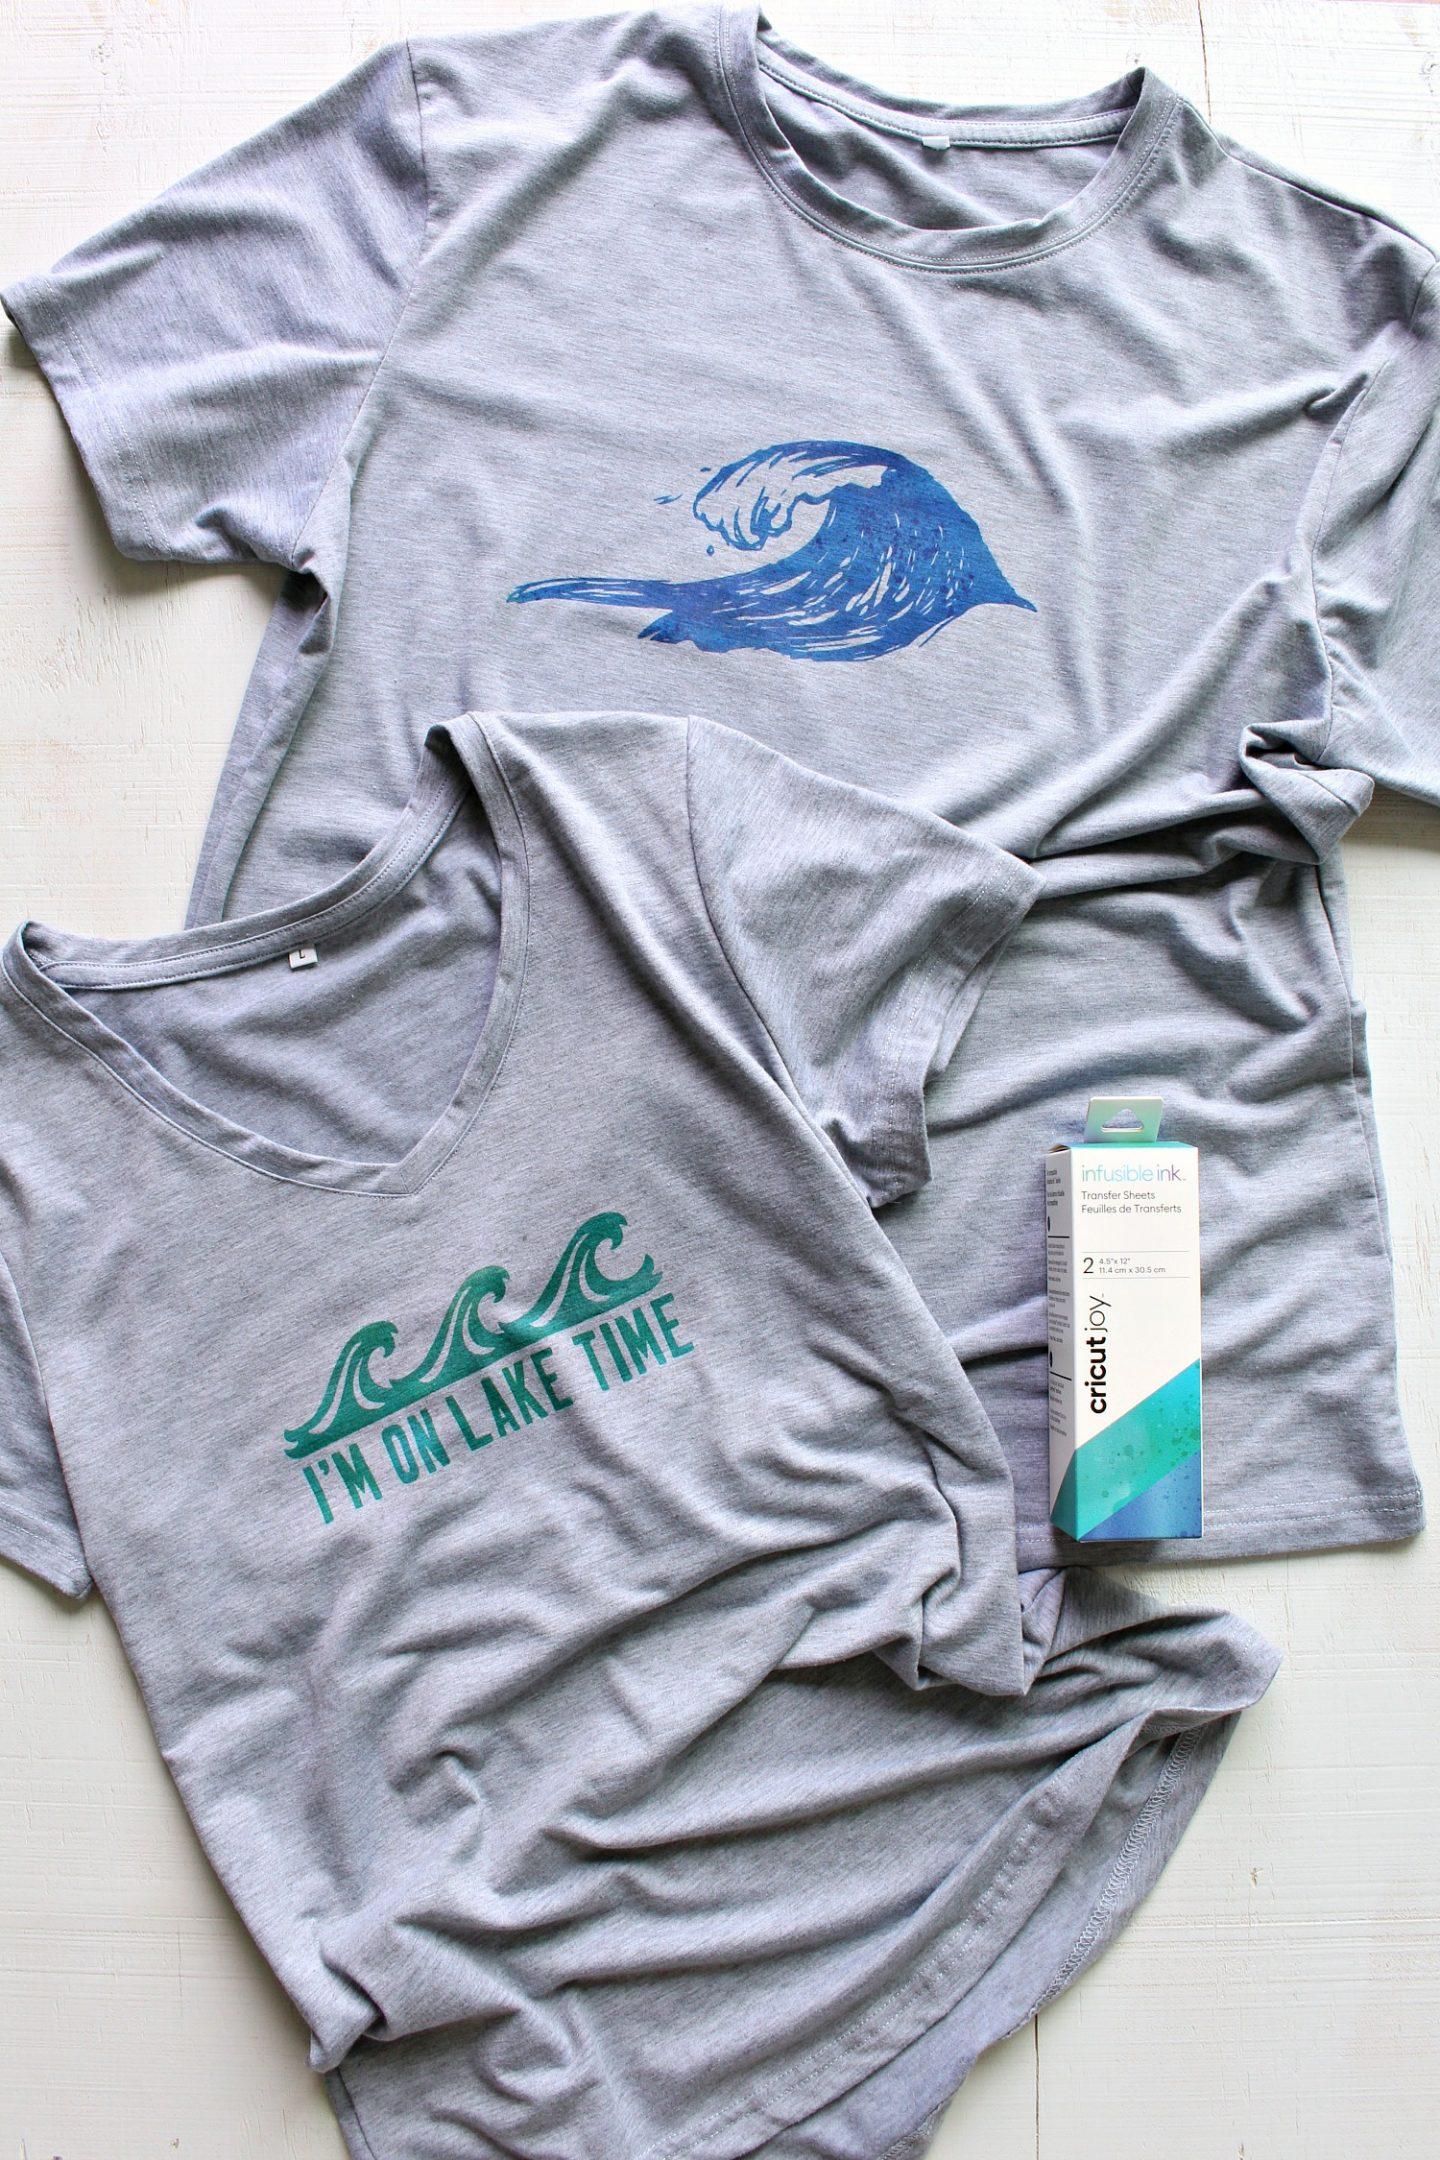 Handmade T-Shirt Gift Ideas